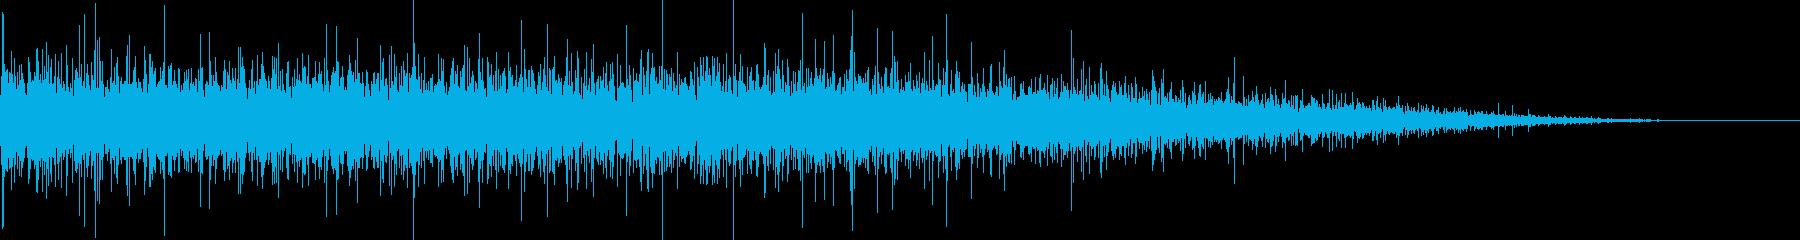 ぴちょぴちょ…穏やかな川の流れの再生済みの波形